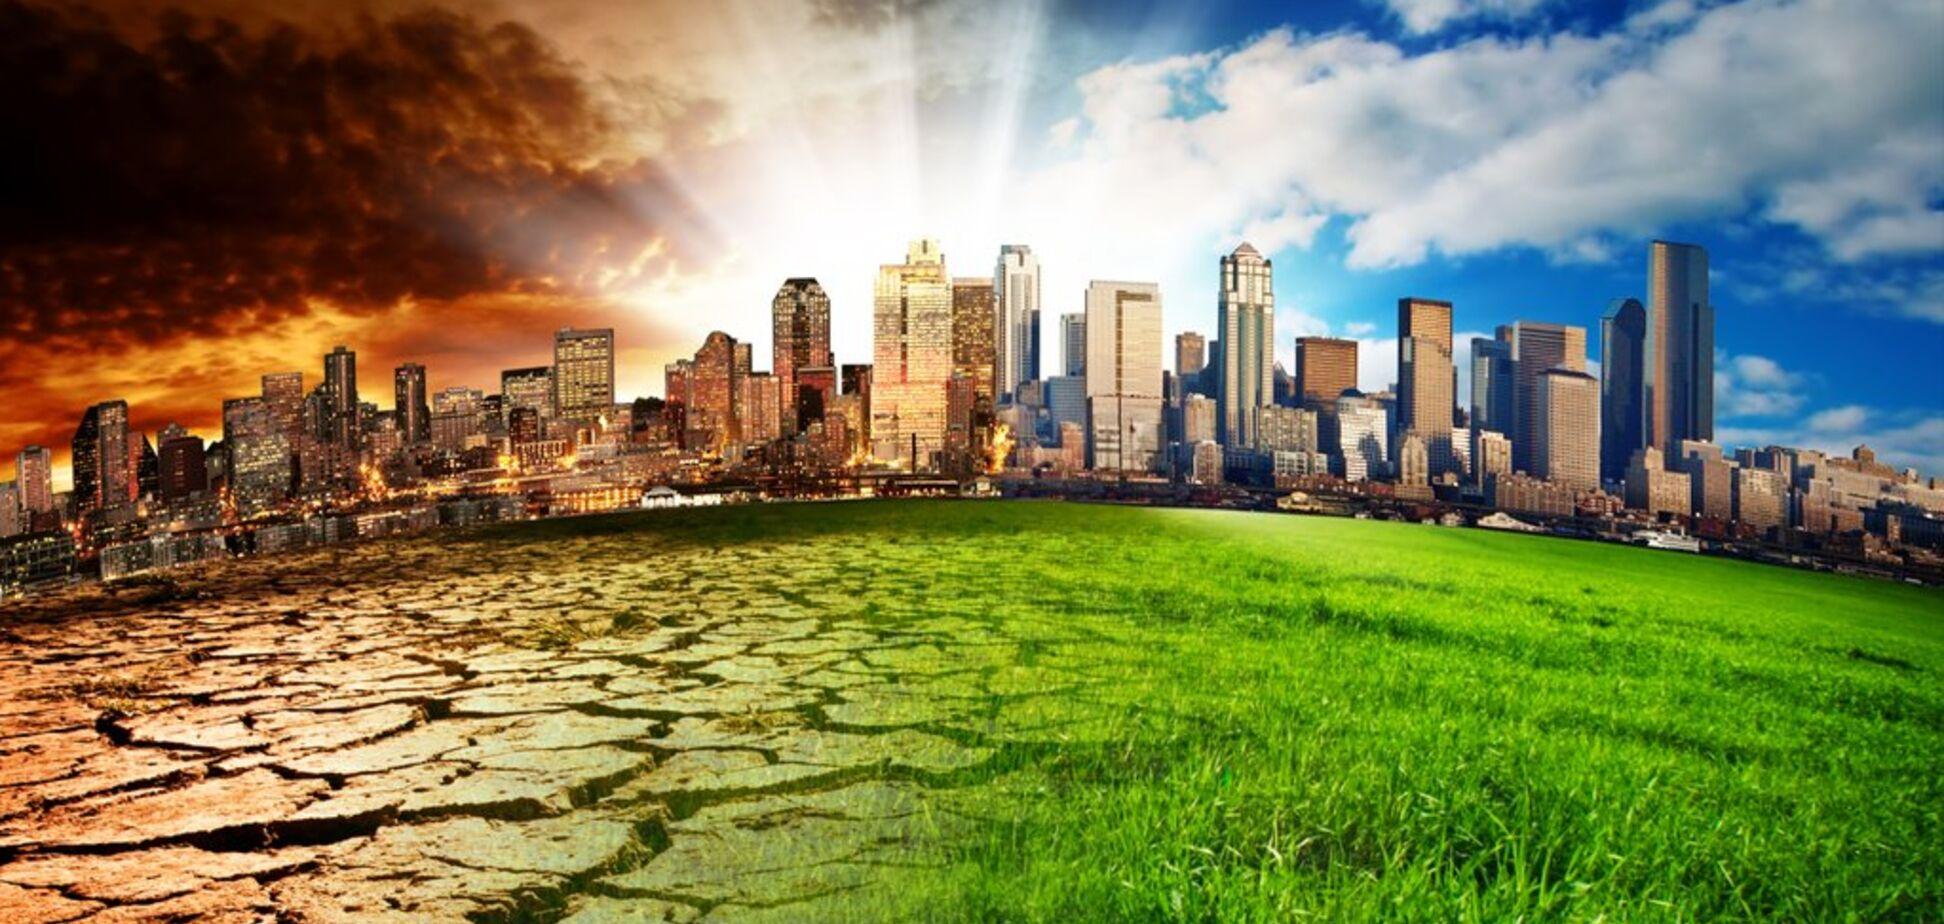 Человечество движется к катастрофе: названа опасная дата